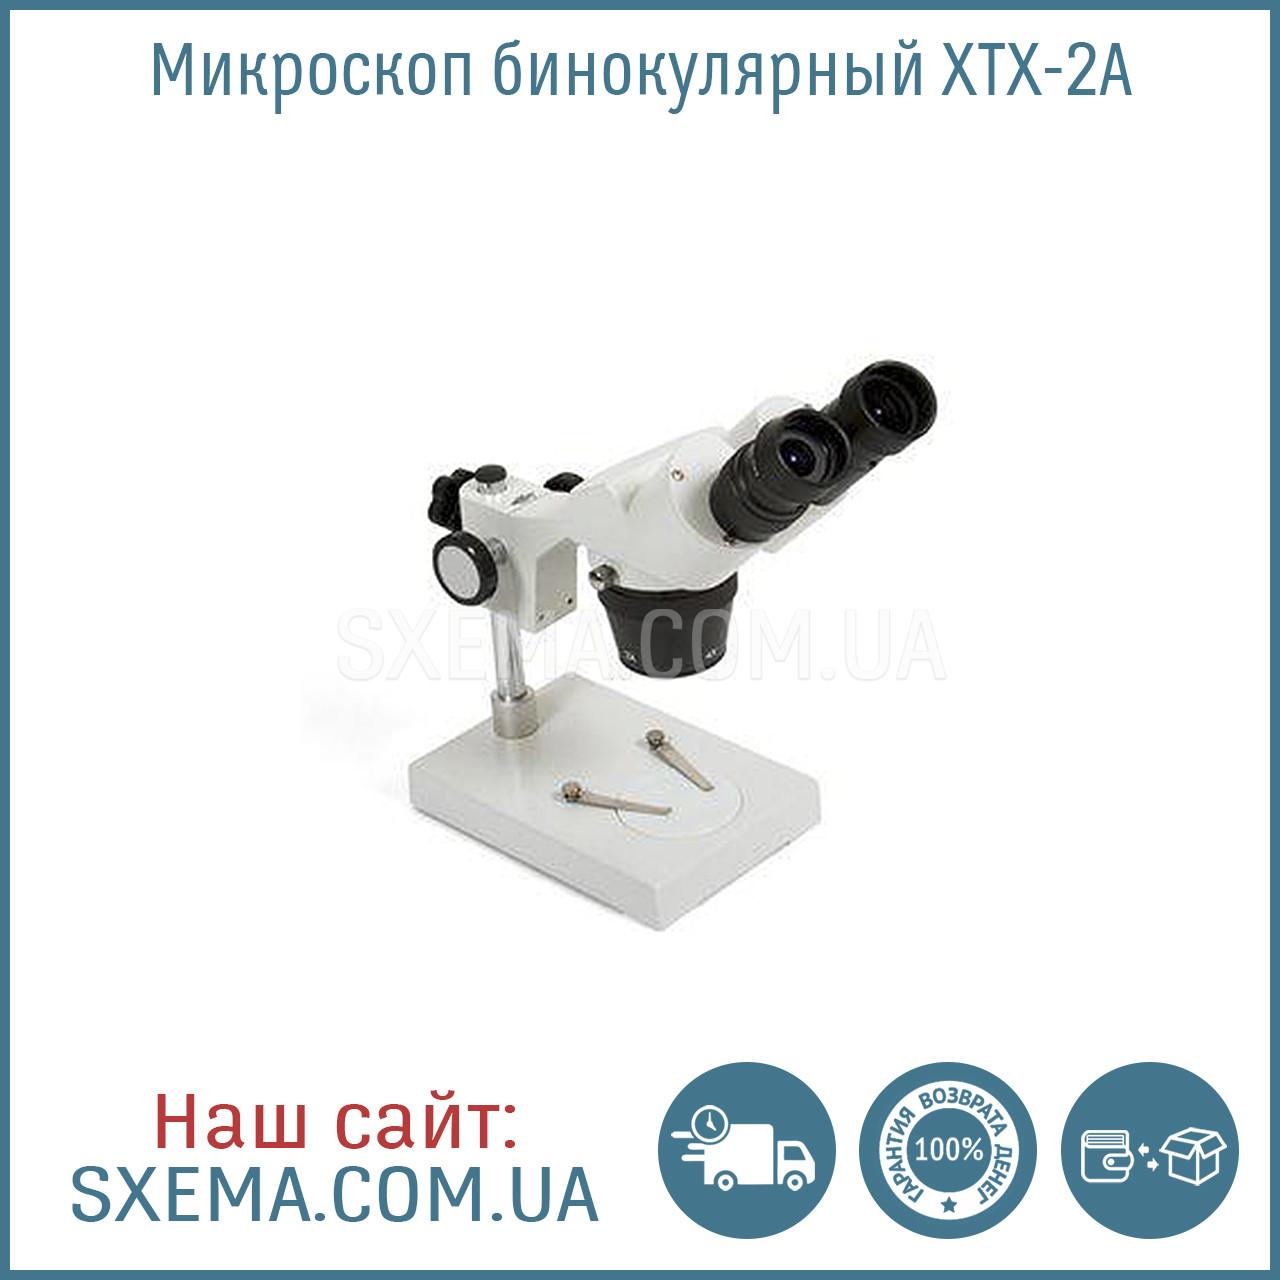 Микроскоп бинокулярный XTX-2A (без подсветки, фокус 75 мм, кратность увеличения 40X)